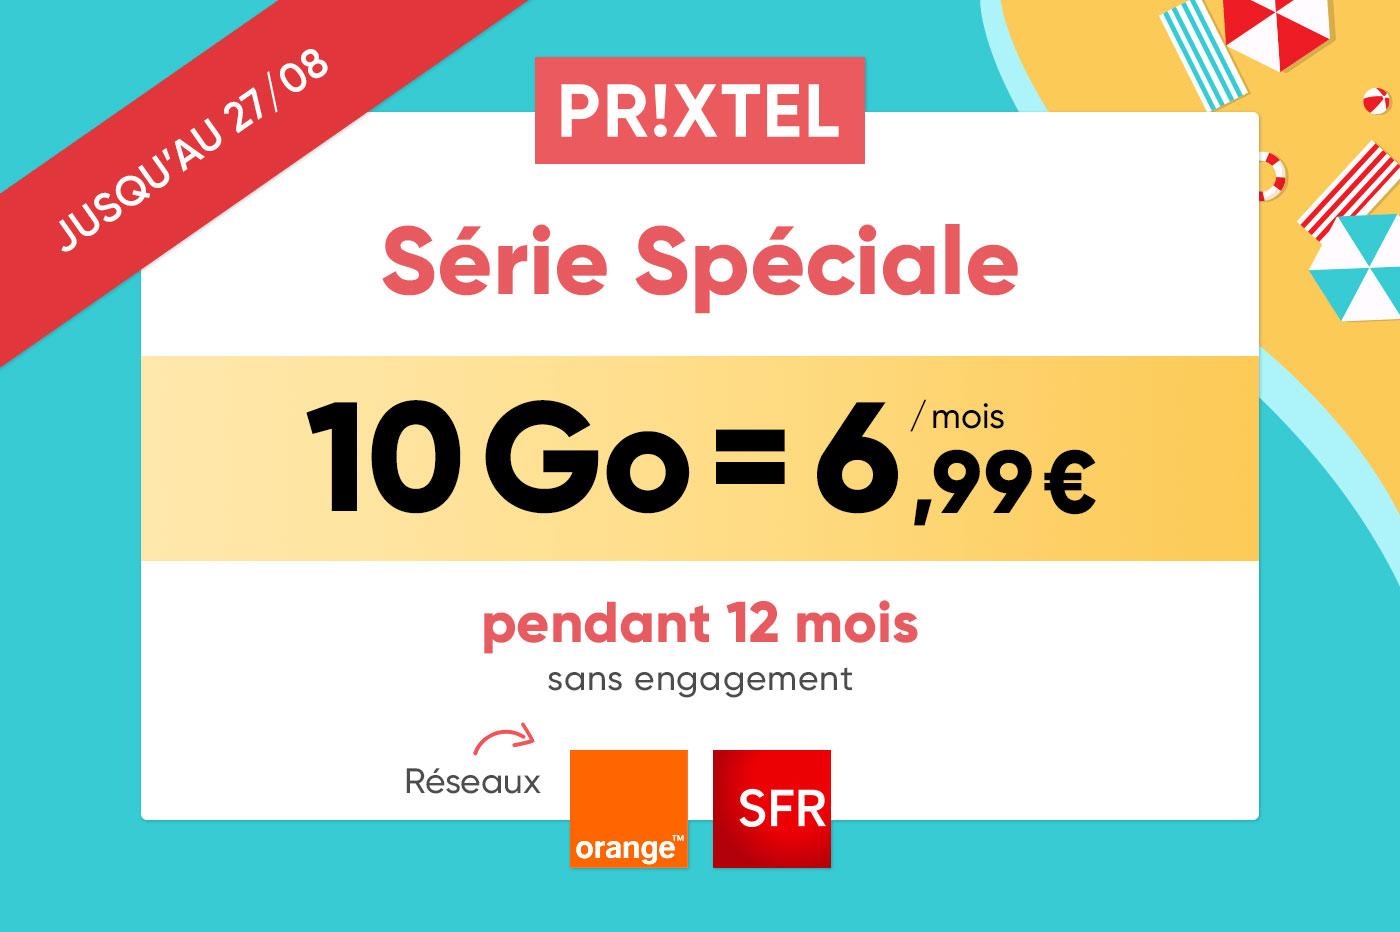 Forfait mobile Prixtel: mini prix, zéro engagement et 100% flexible